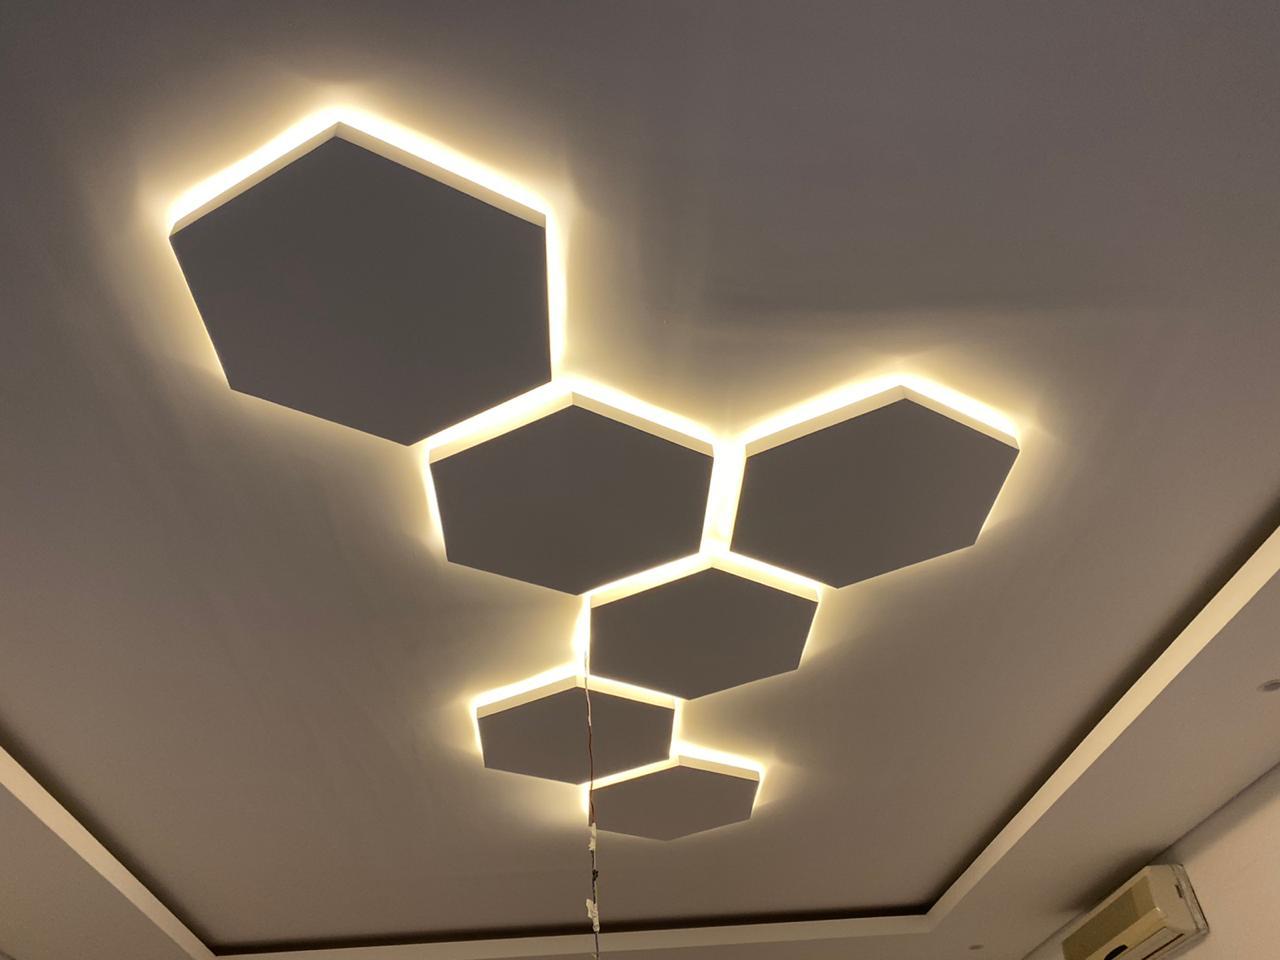 اشكال هندسية نفذت بدقة بالاضاءة المخفية في مدينة الشامخة